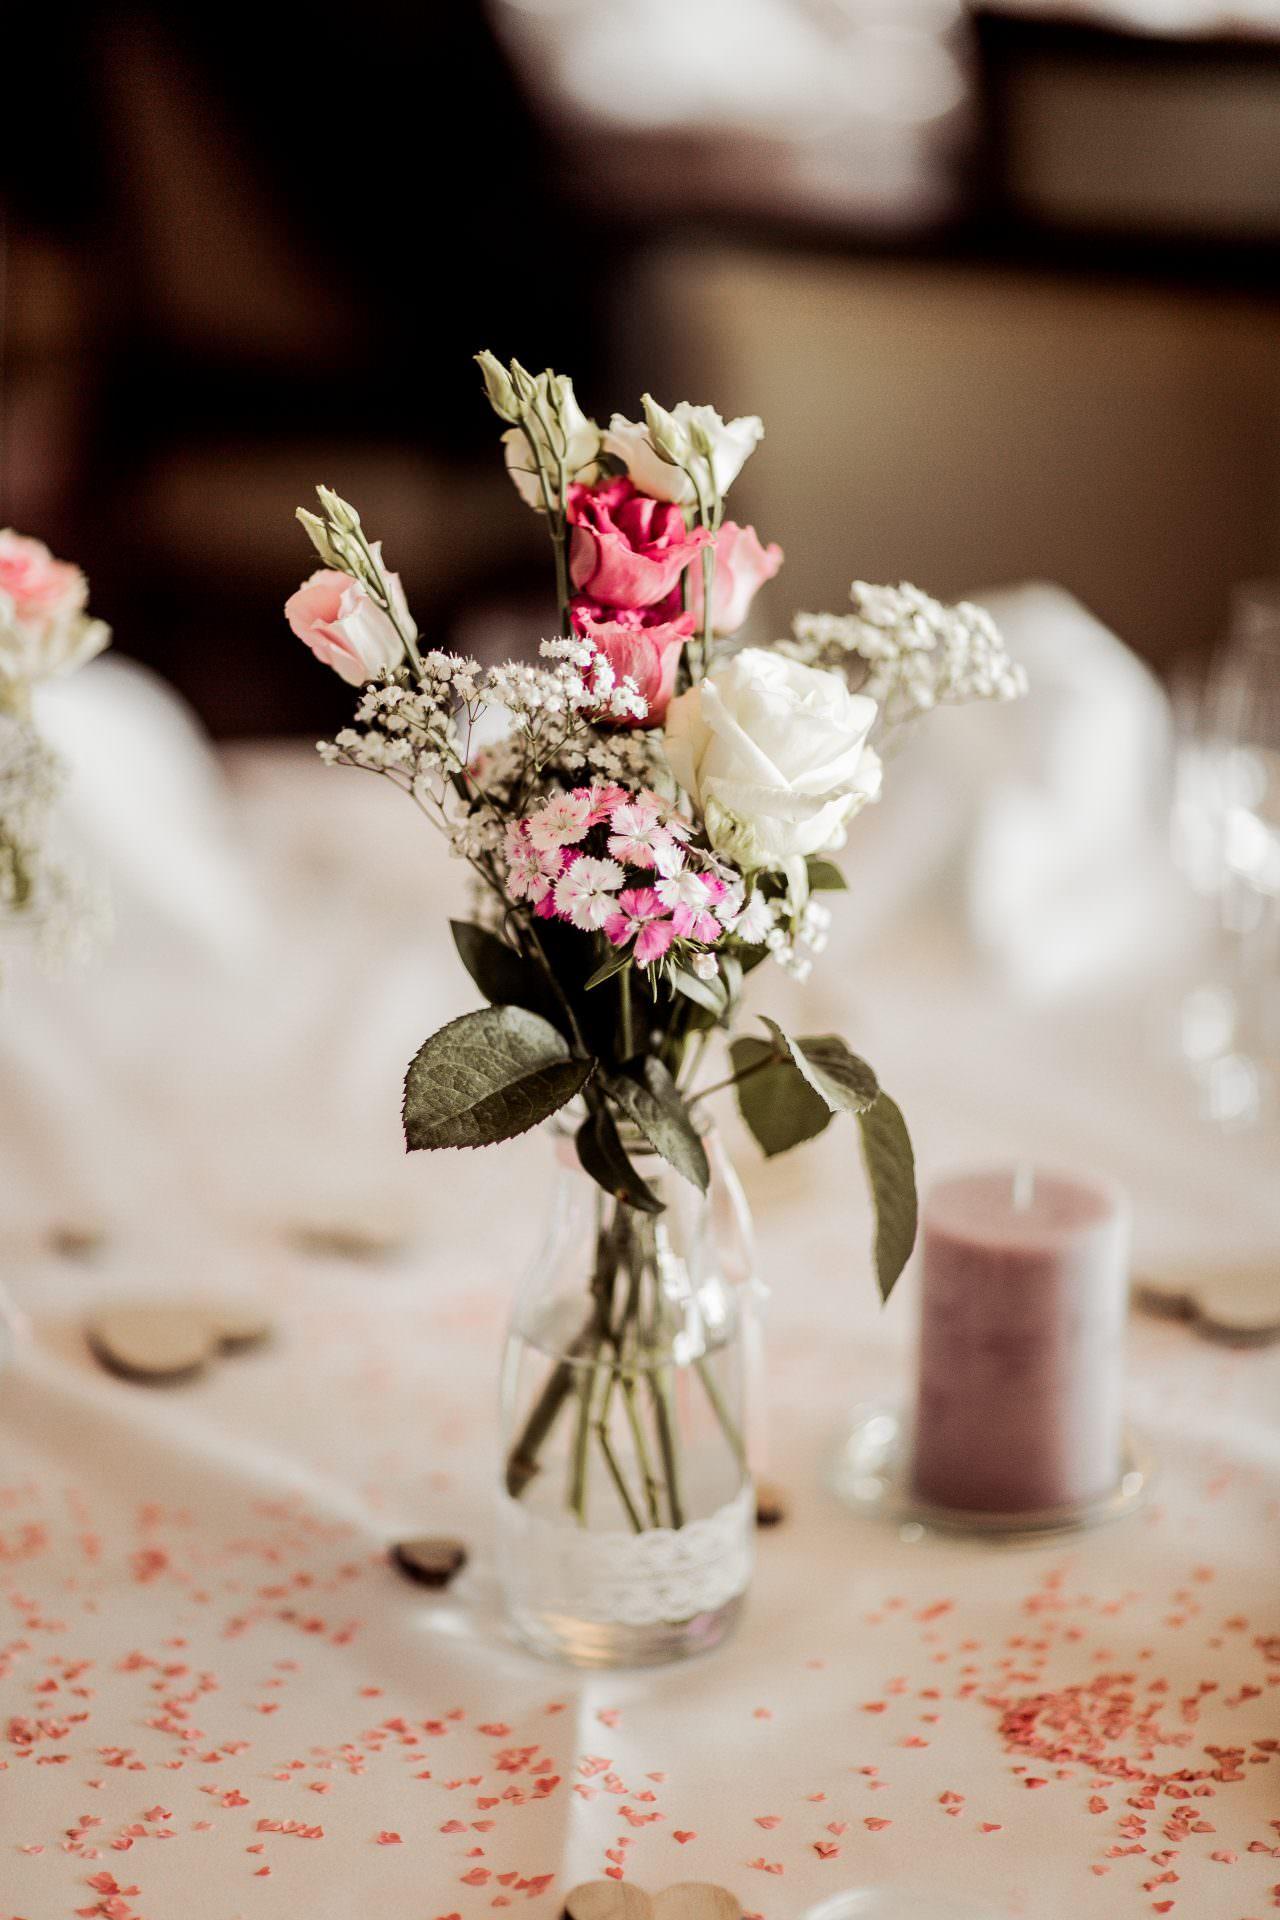 Glas mit Blumen auf einem Tisch.